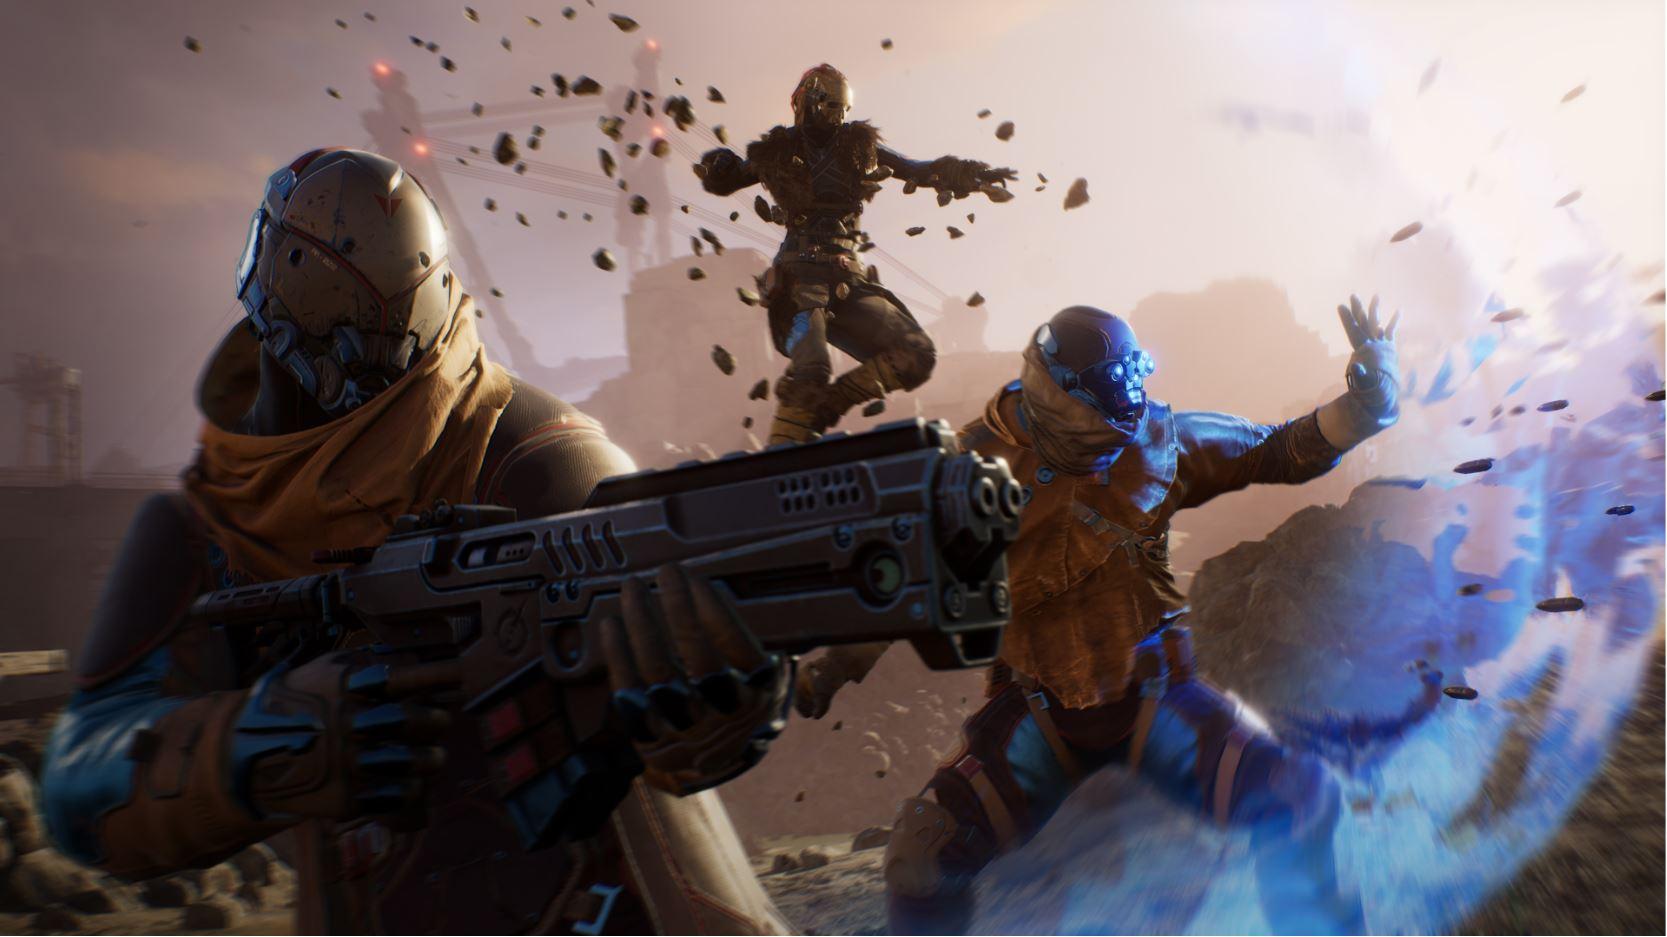 Vídeo demonstra jogabilidade de Outcast